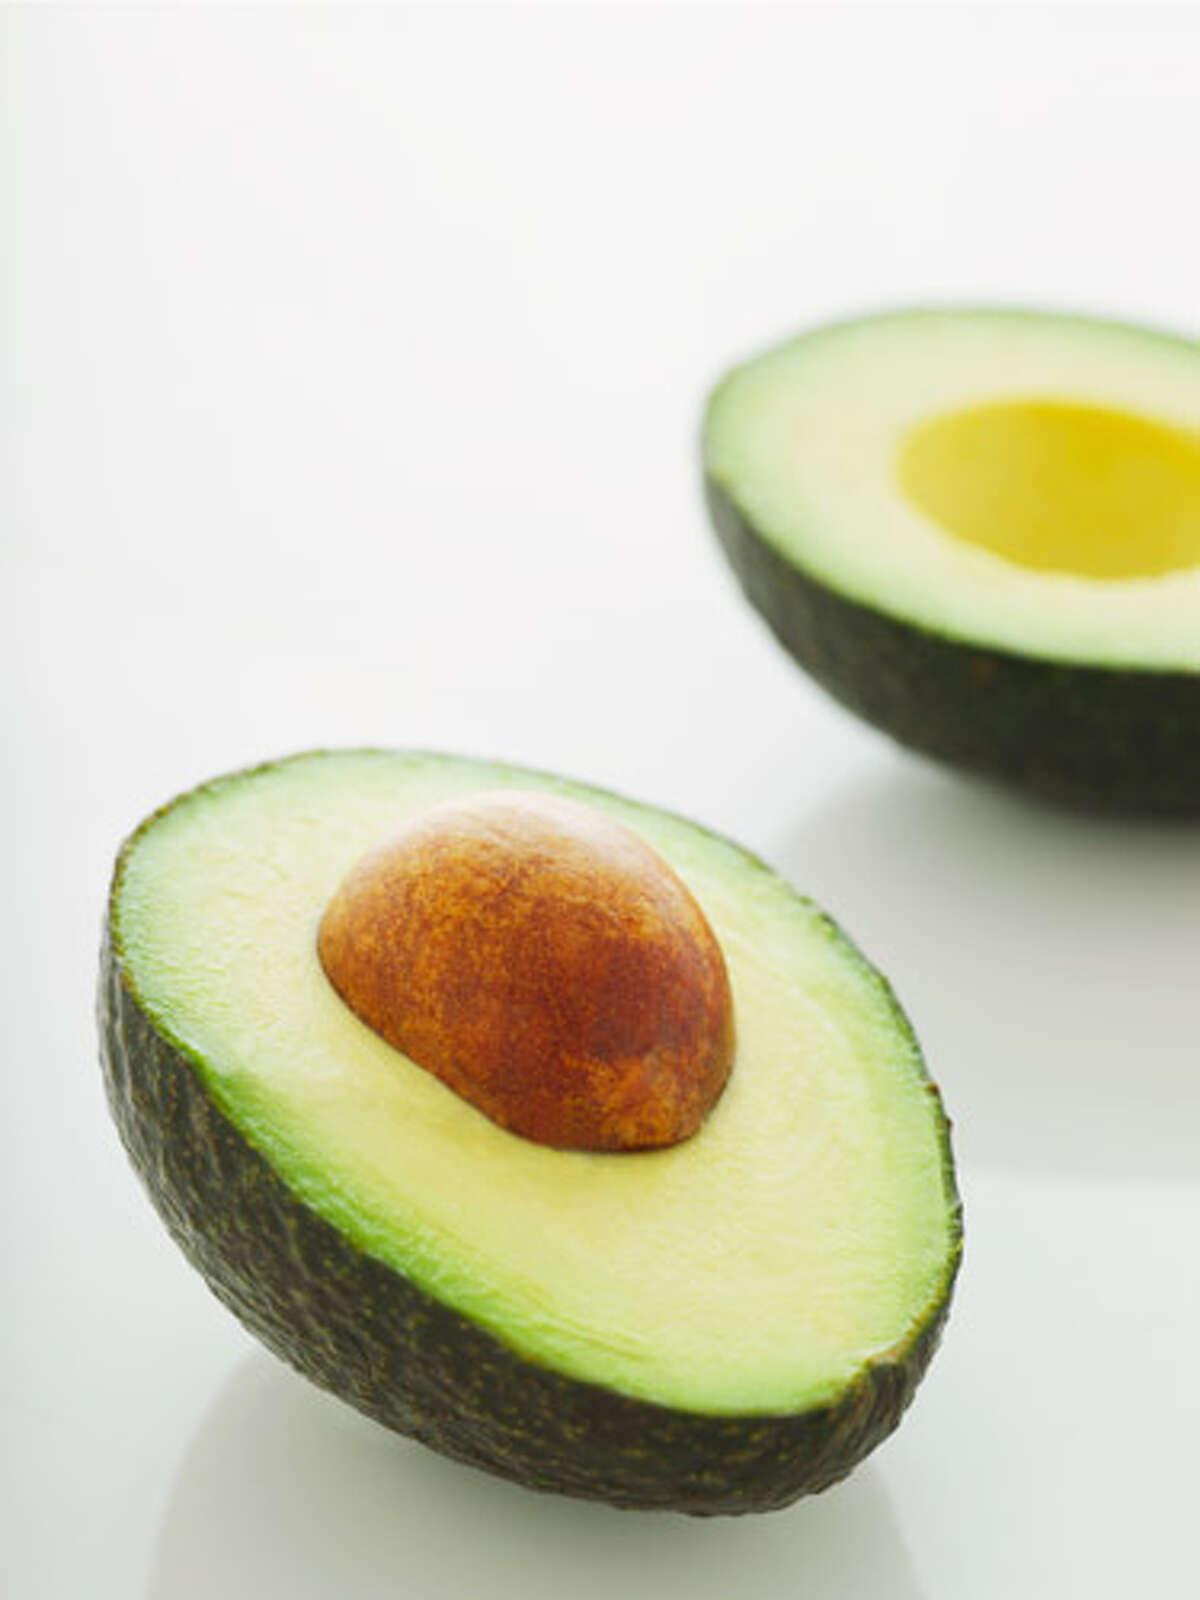 Avocado: Up 28.4%